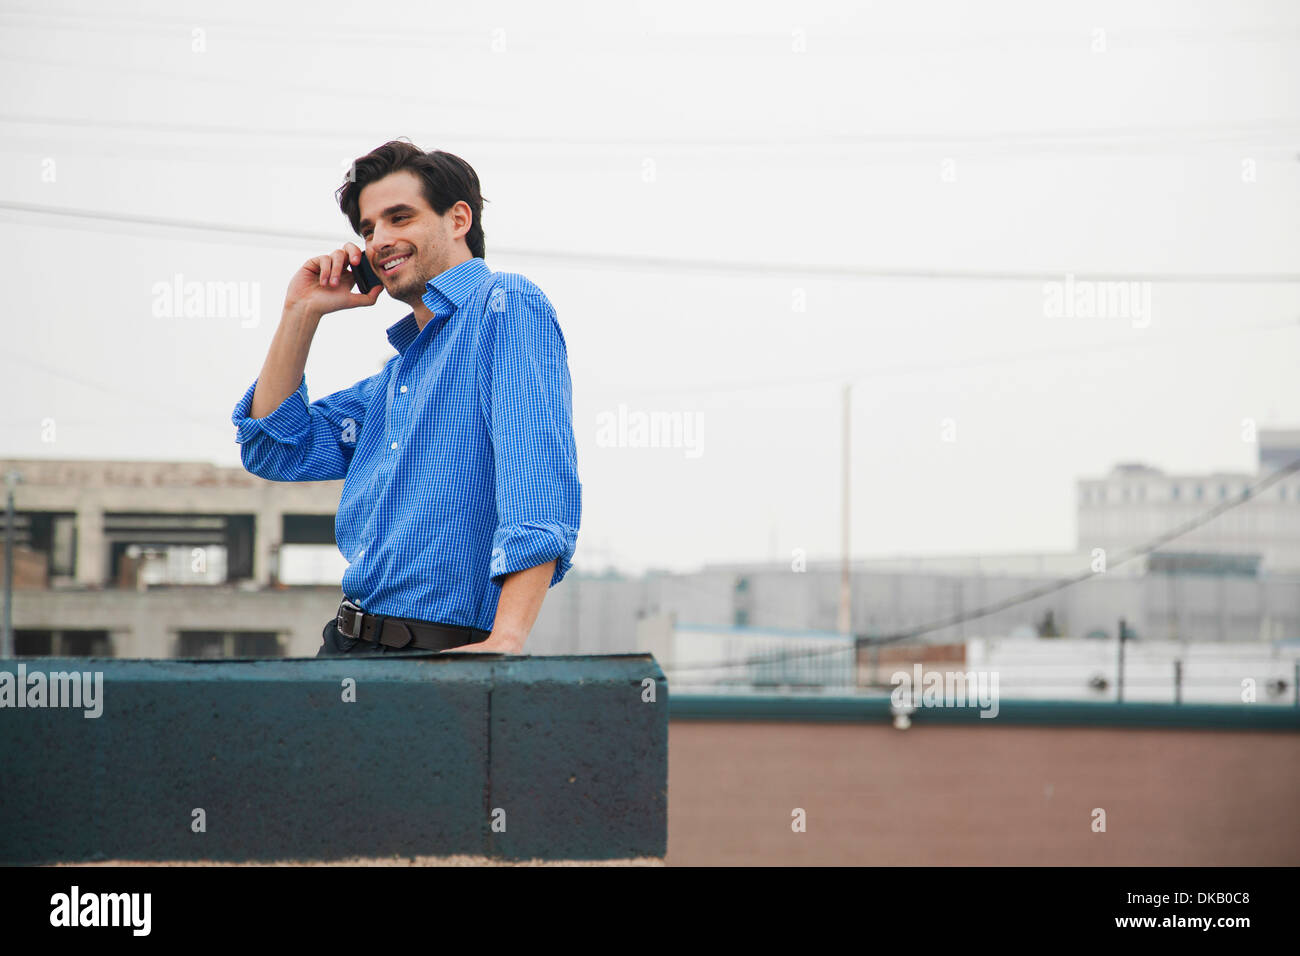 Fiducioso giovane uomo utilizzando mobile sul tetto della città Immagini Stock